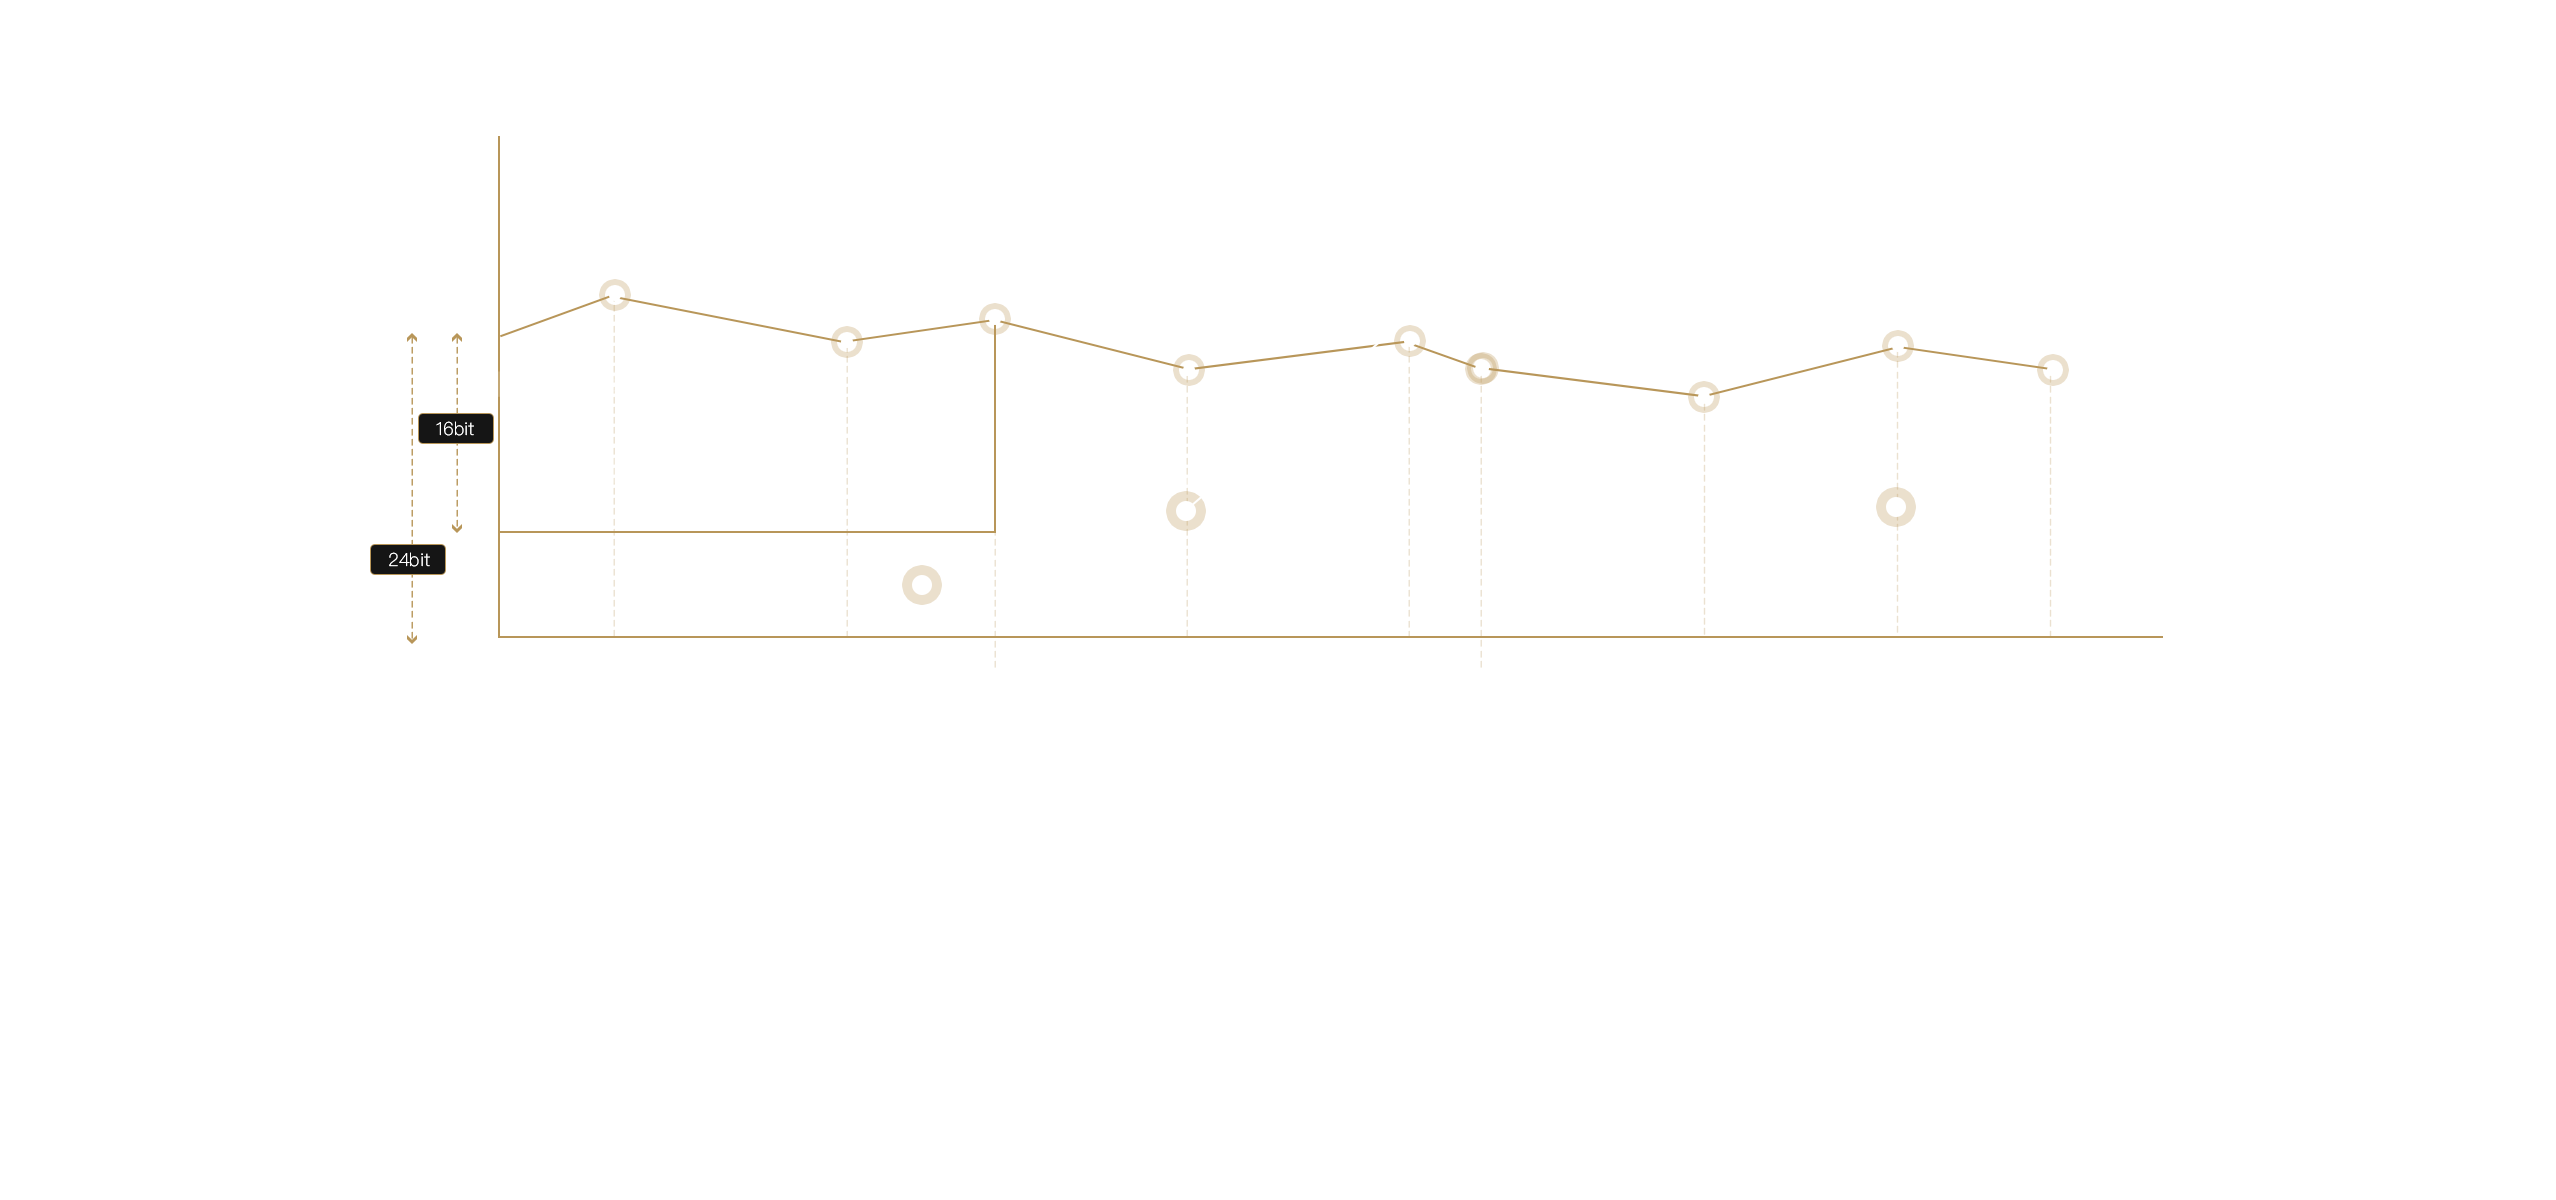 各频率部分之间的衔接处理自然融洽,弥补在人声中低频段(100-300H)的缺失。1寸4寸的德式中高音单元组合,既保证了高音的层次和色感,又弥补了以往小单元组合里中频声音不够饱满、浑厚的缺陷。8寸超低音单元下潜可低至30Hz,营造足够的爆棚感。再加上现代高保真大功率的美国TI公司D类运放,能在不超过30的有限体积范围内产生不低于100dB的声压级,真正做到为客厅环境打造完整的音质享受。